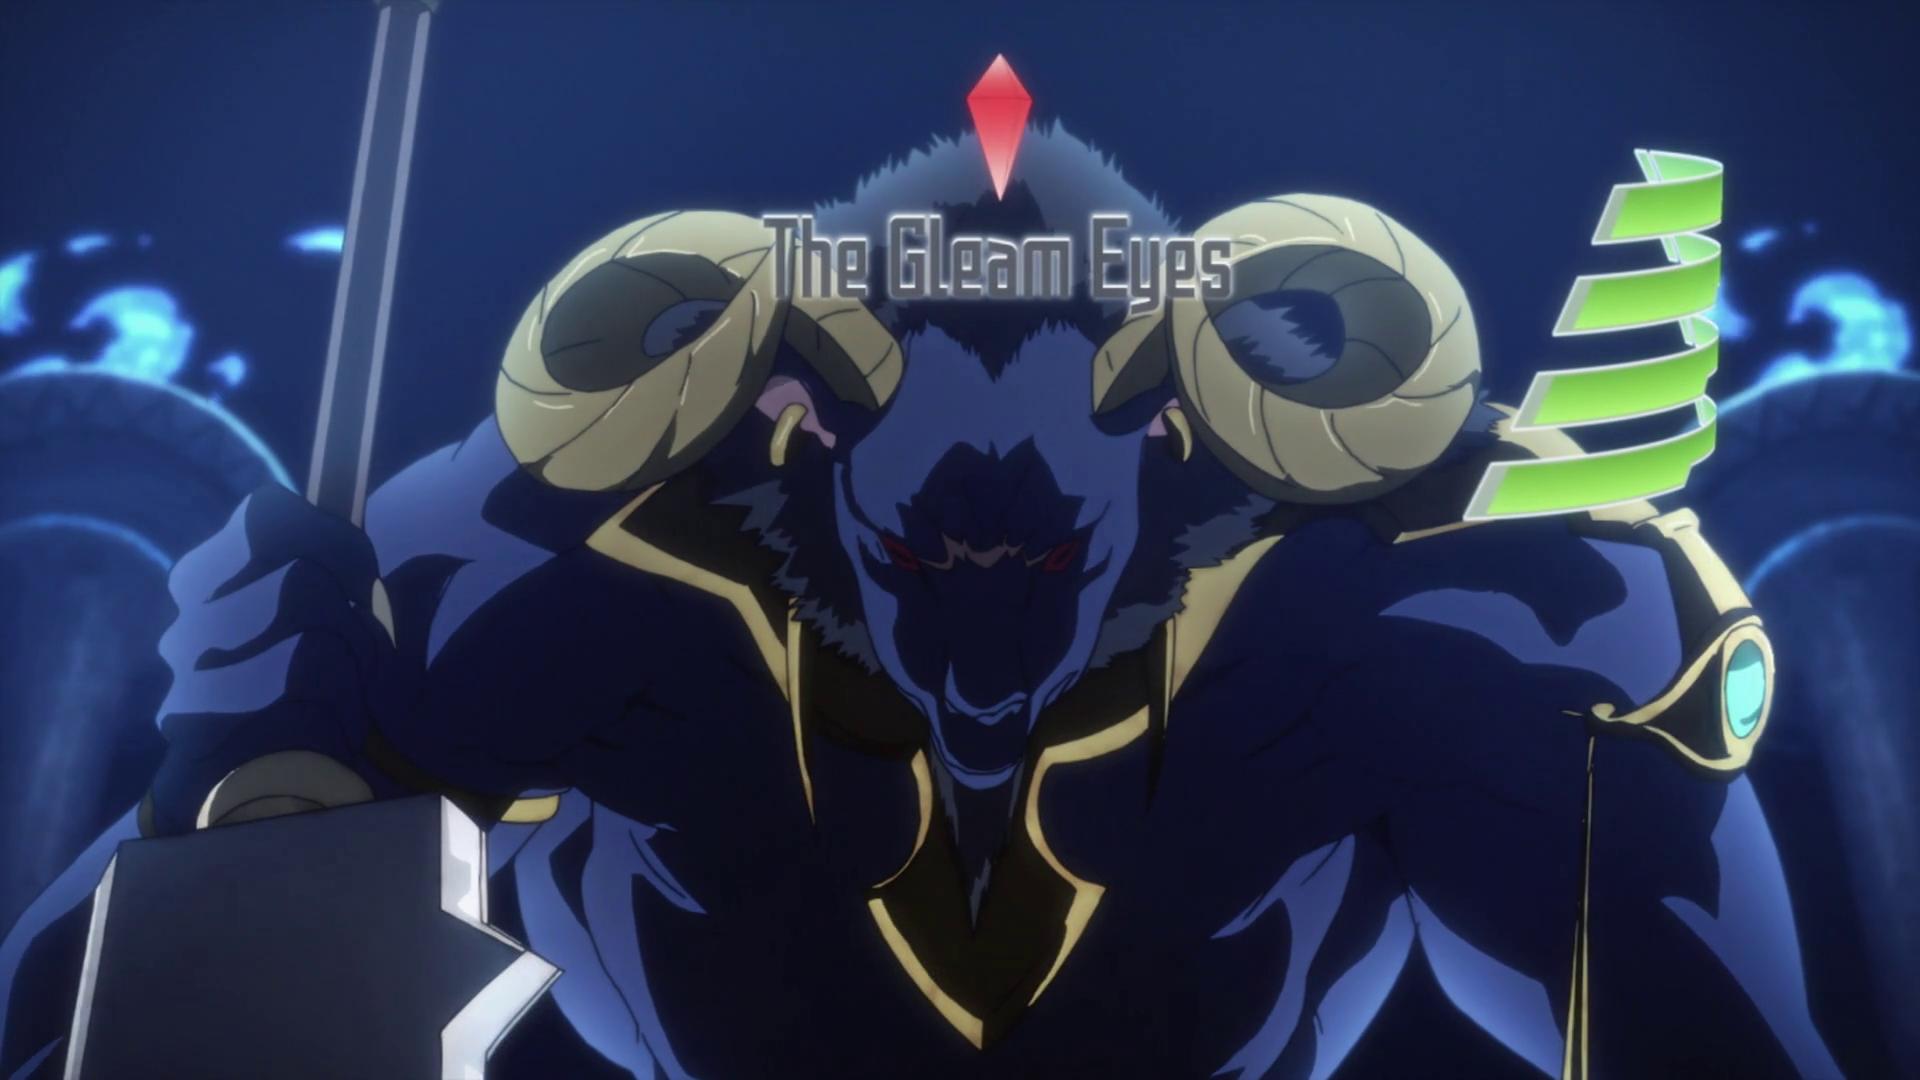 The Gleam Eyes